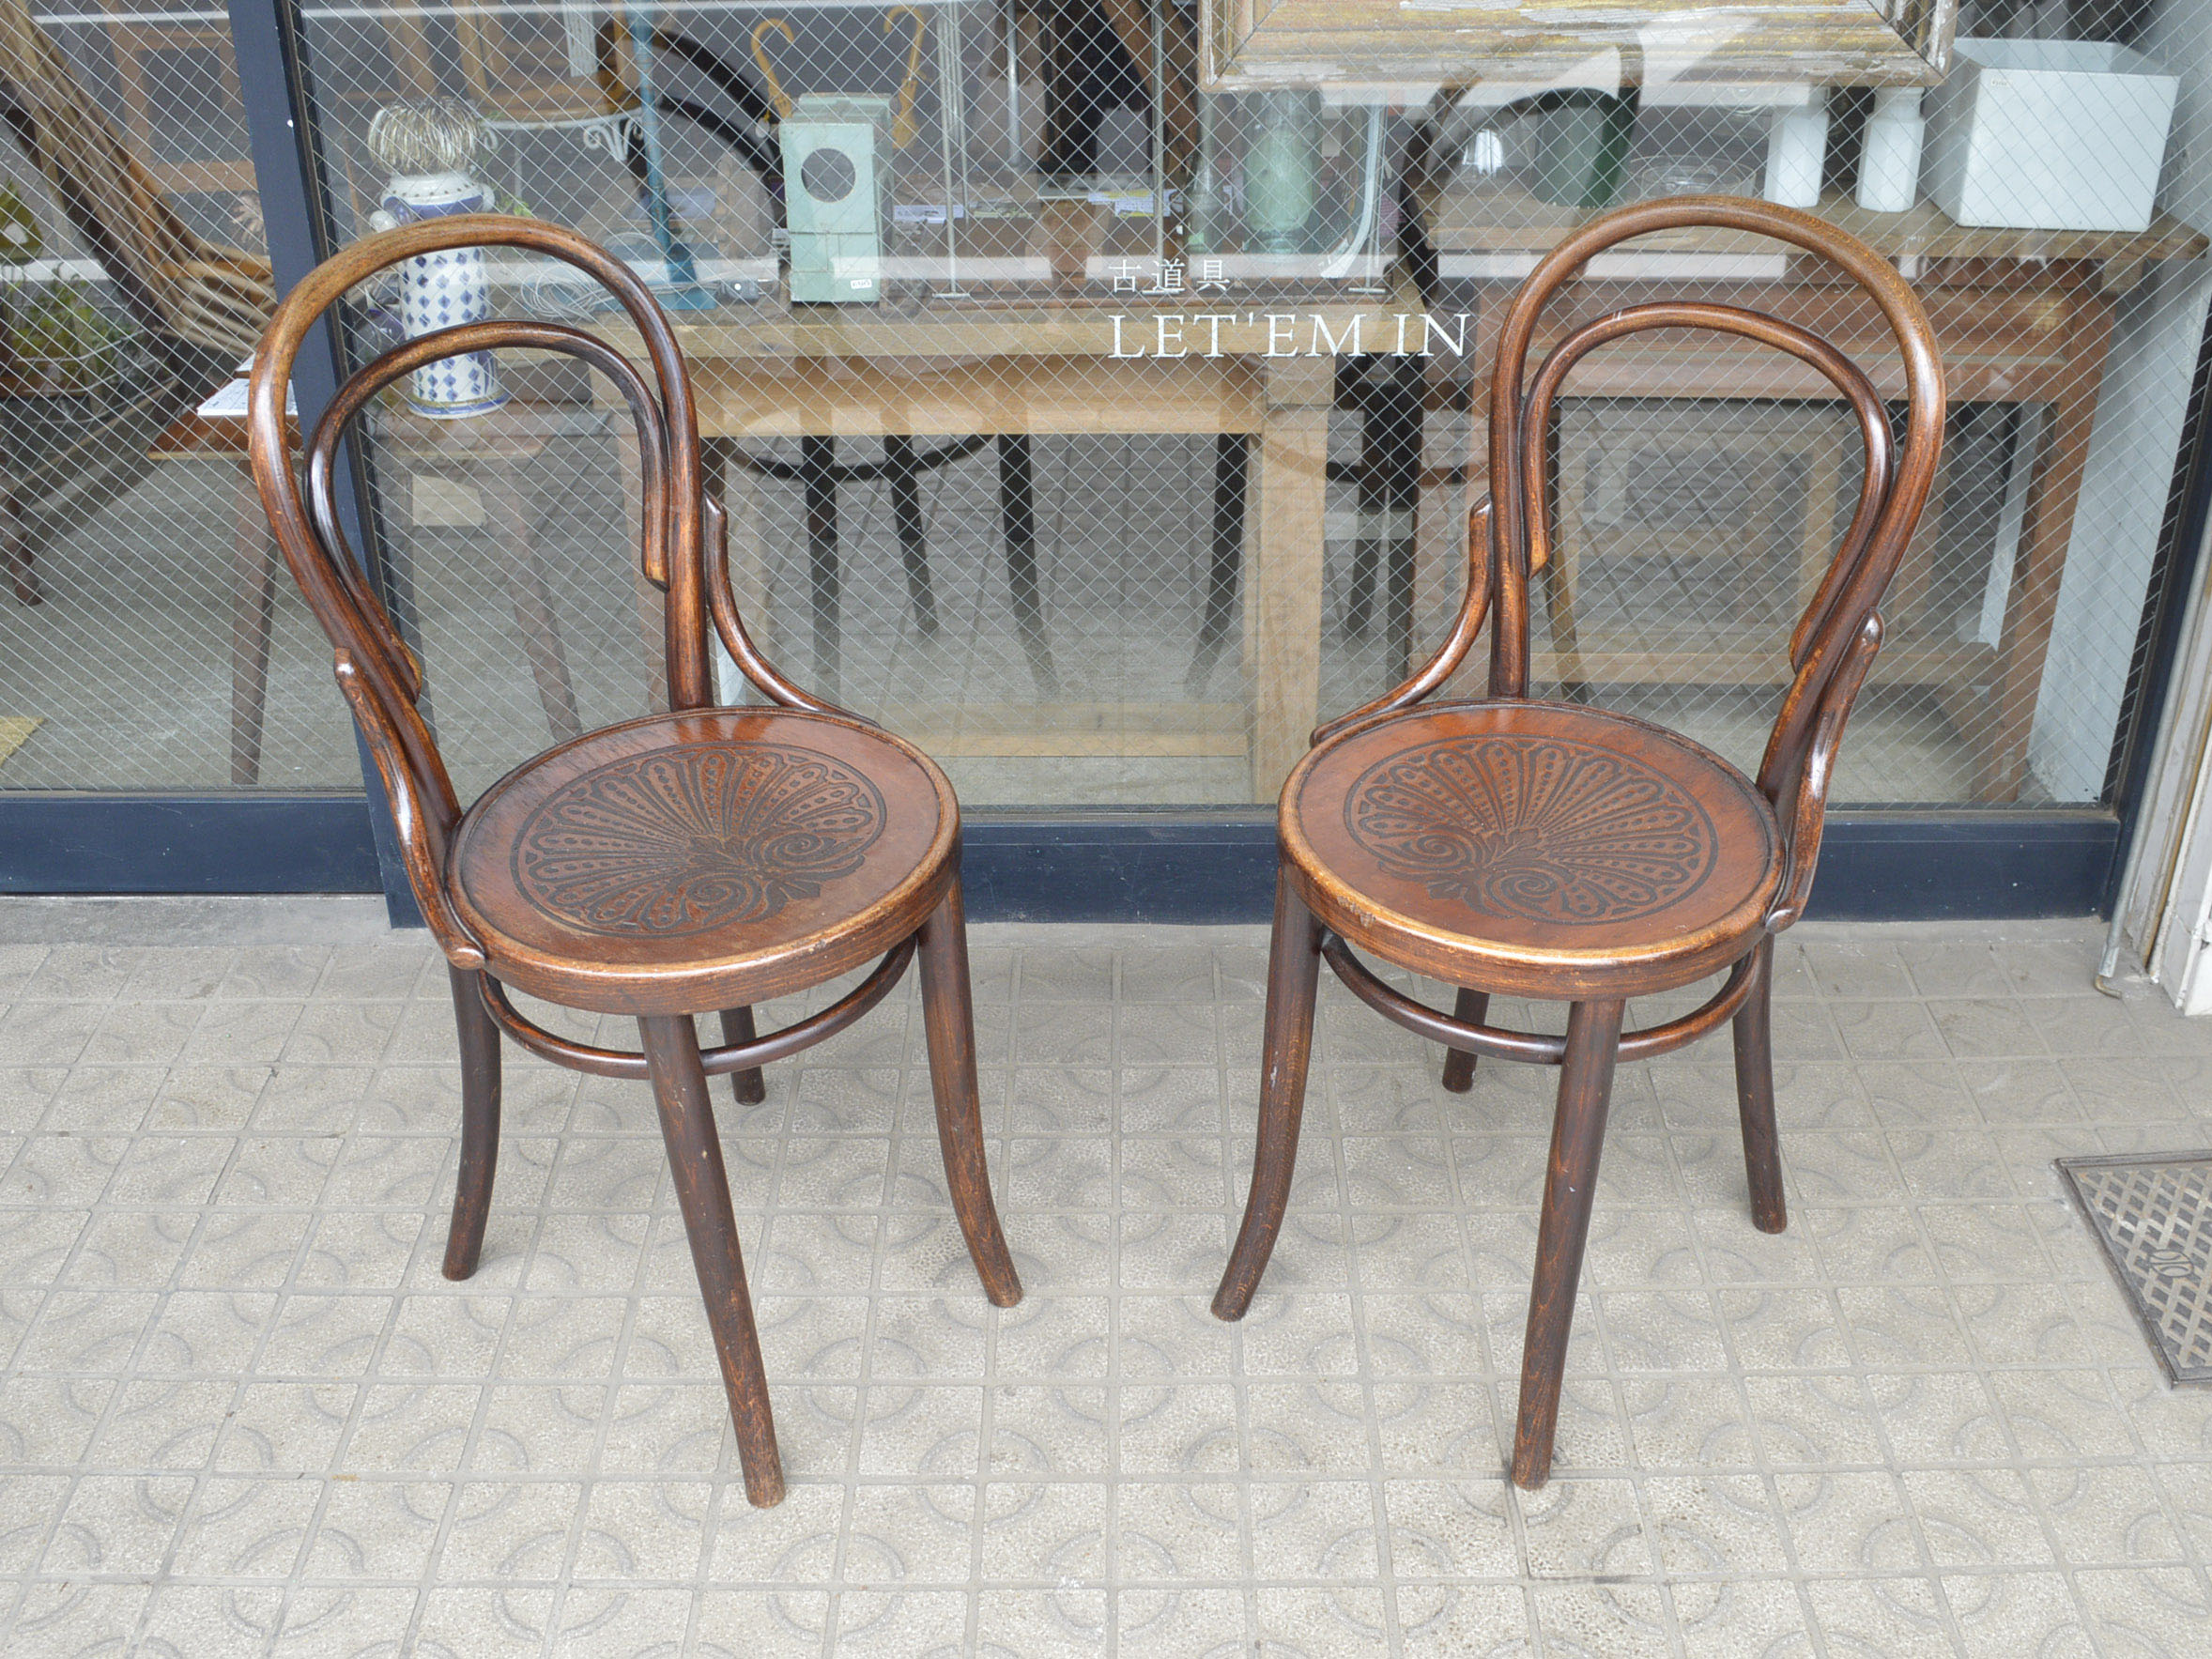 THONETの曲げ木のチェアです。 1819年創業のTHONET社。言うまでもありませんが、曲げ木の椅子を開発したことで有名です。